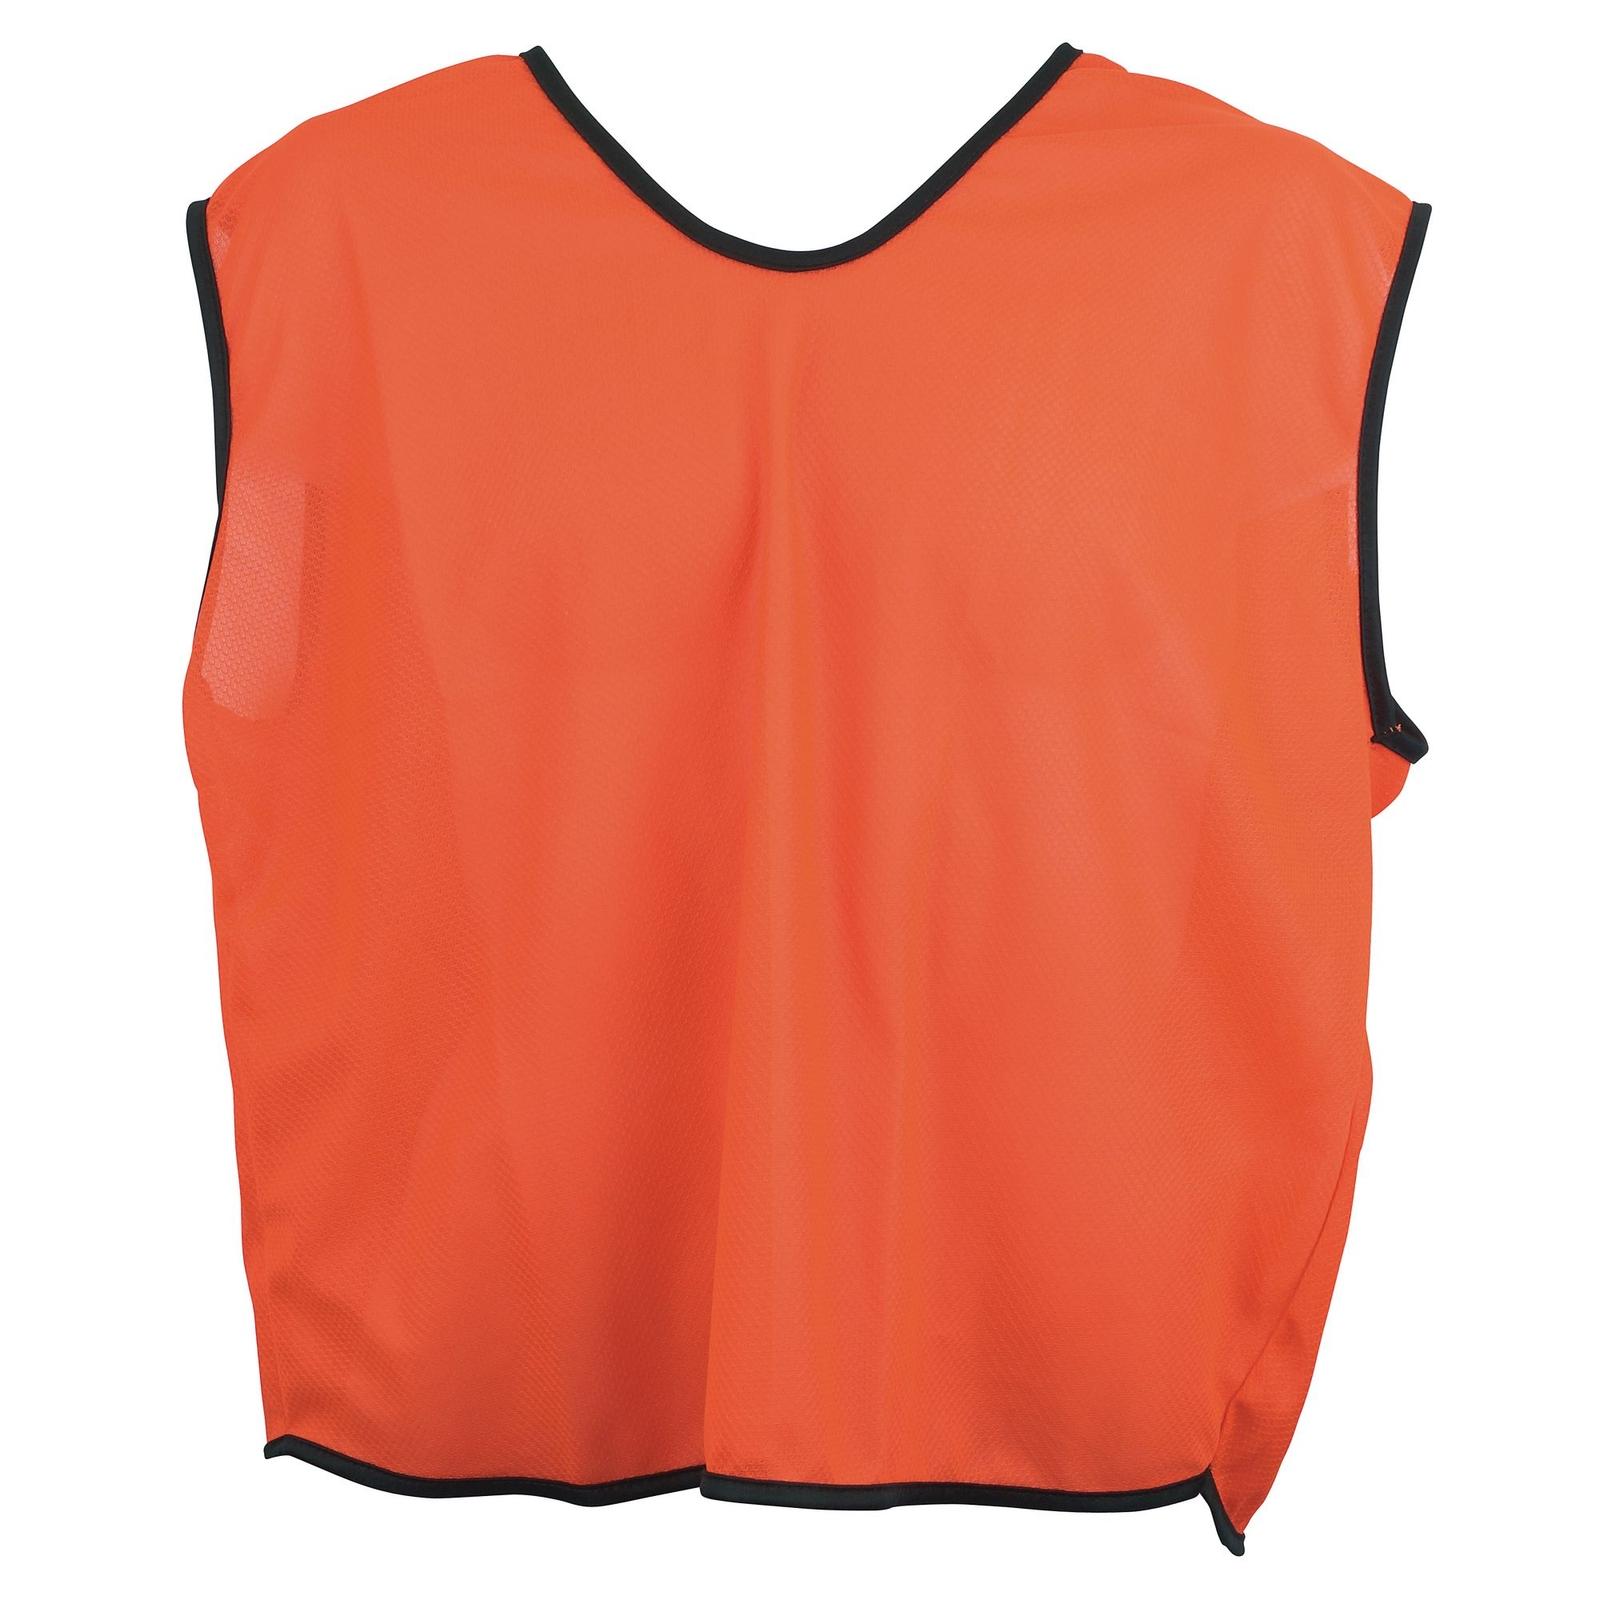 Plain Mesh Training Bib  26-28 Inches Age 6-11 Years - Orange